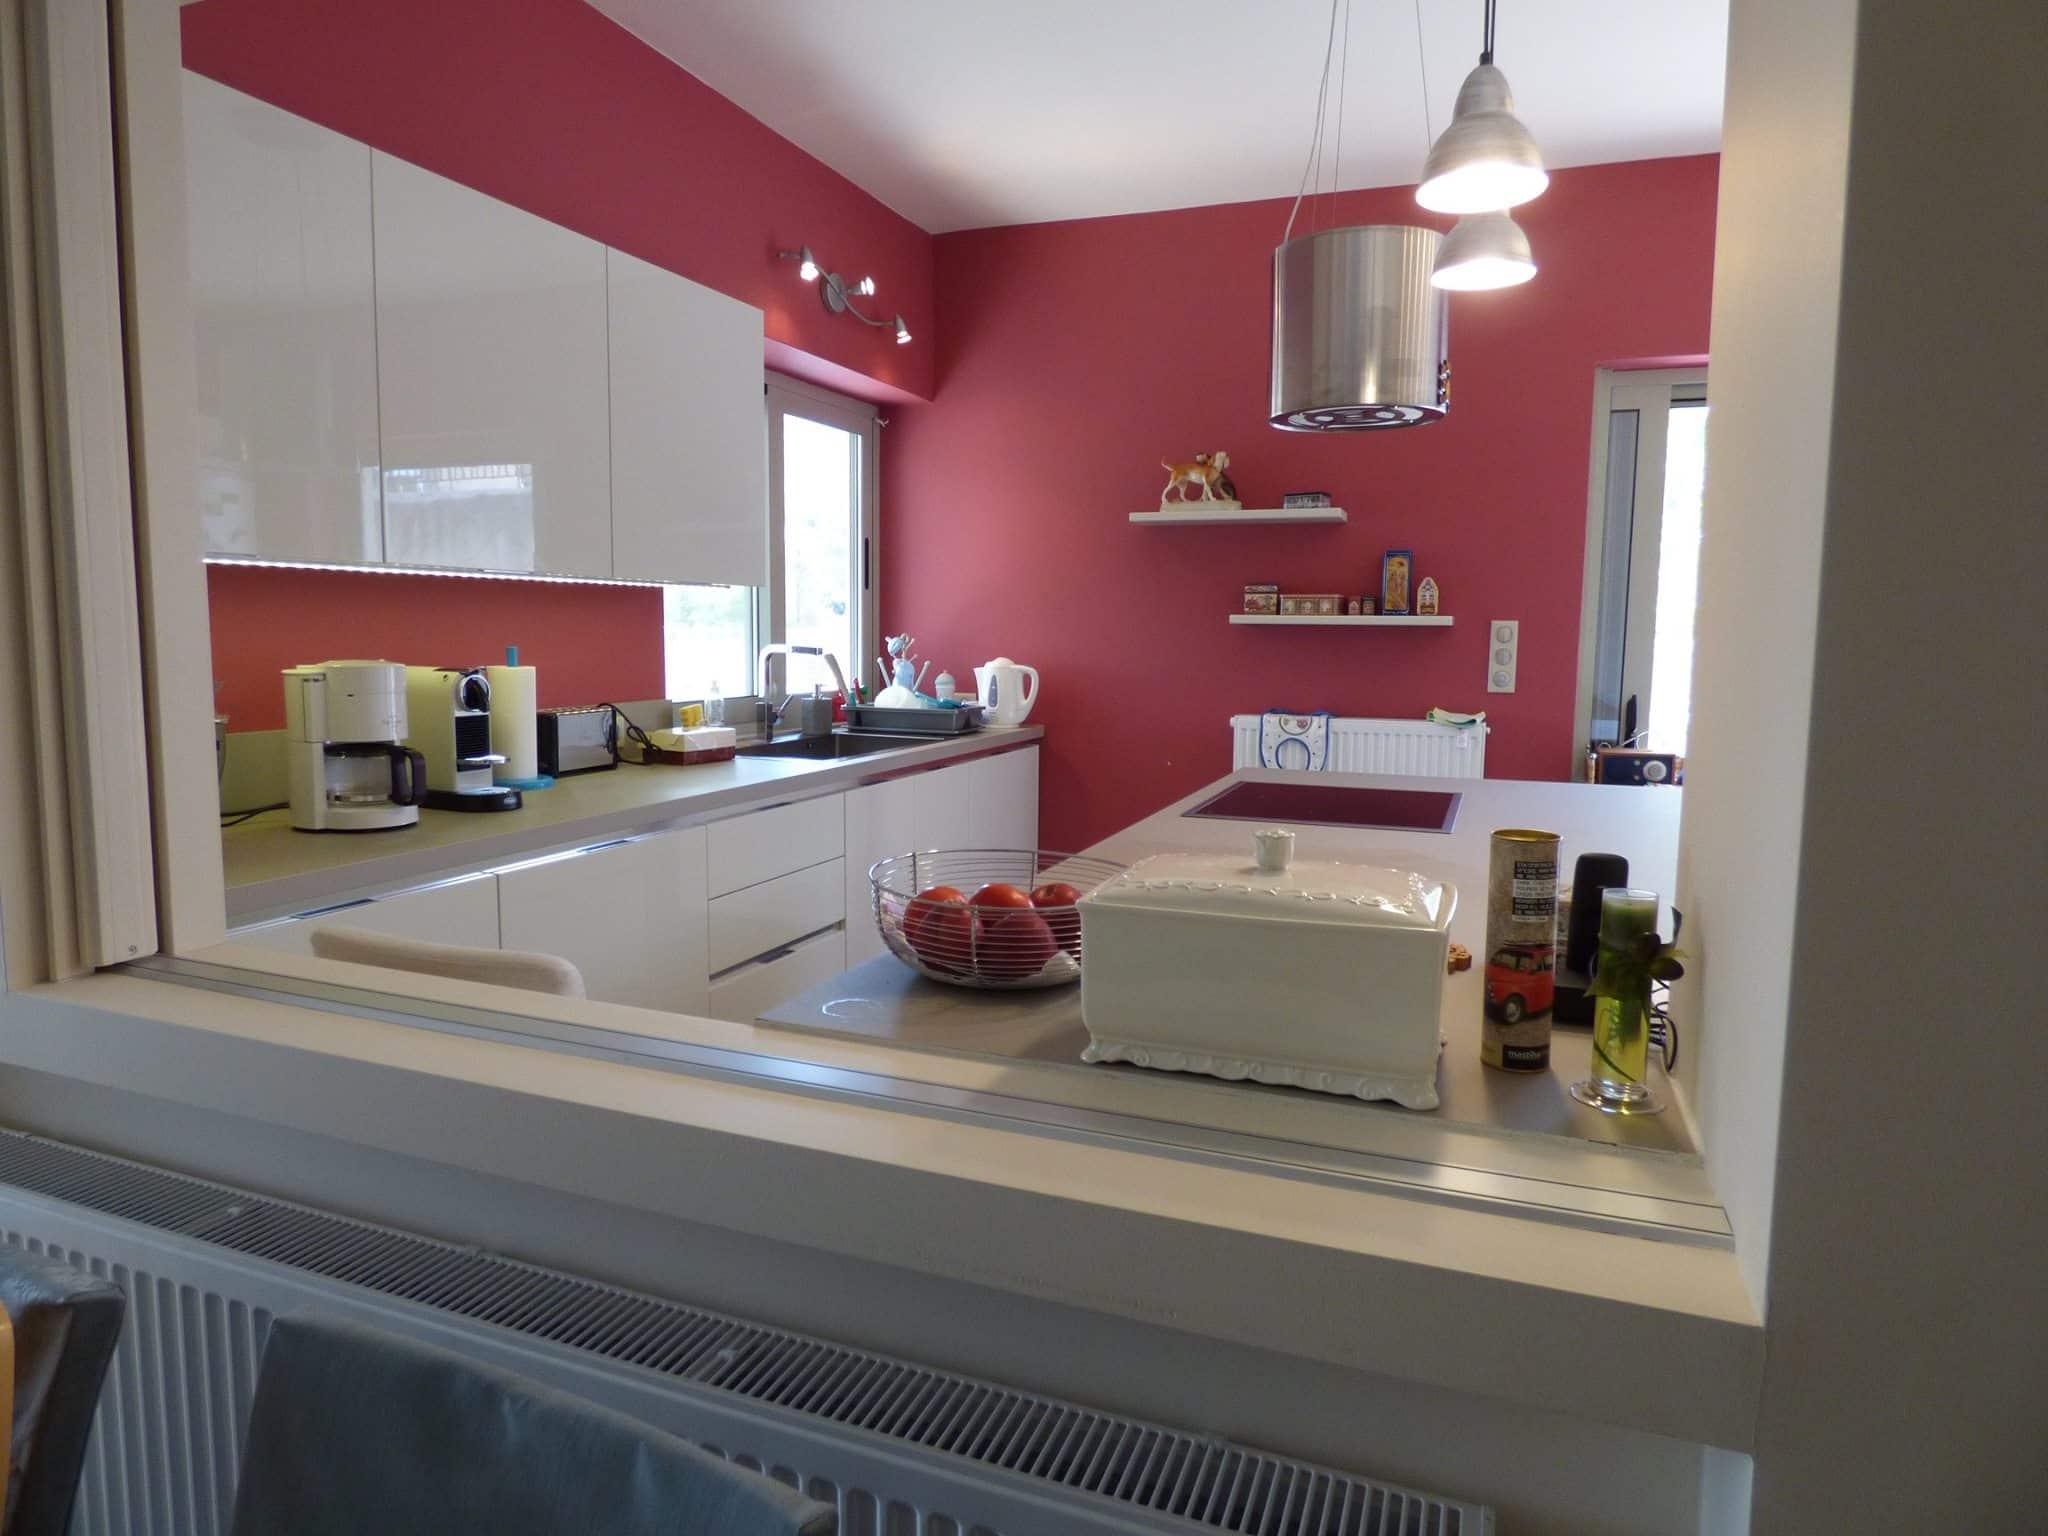 Έπιπλα Κουζίνας Λάκας Nexa με χωνετή λαβή Gola και πάγκους Νανοτεχνολογίας FENIX NTM® χρωματισμού Zinco Doha 45